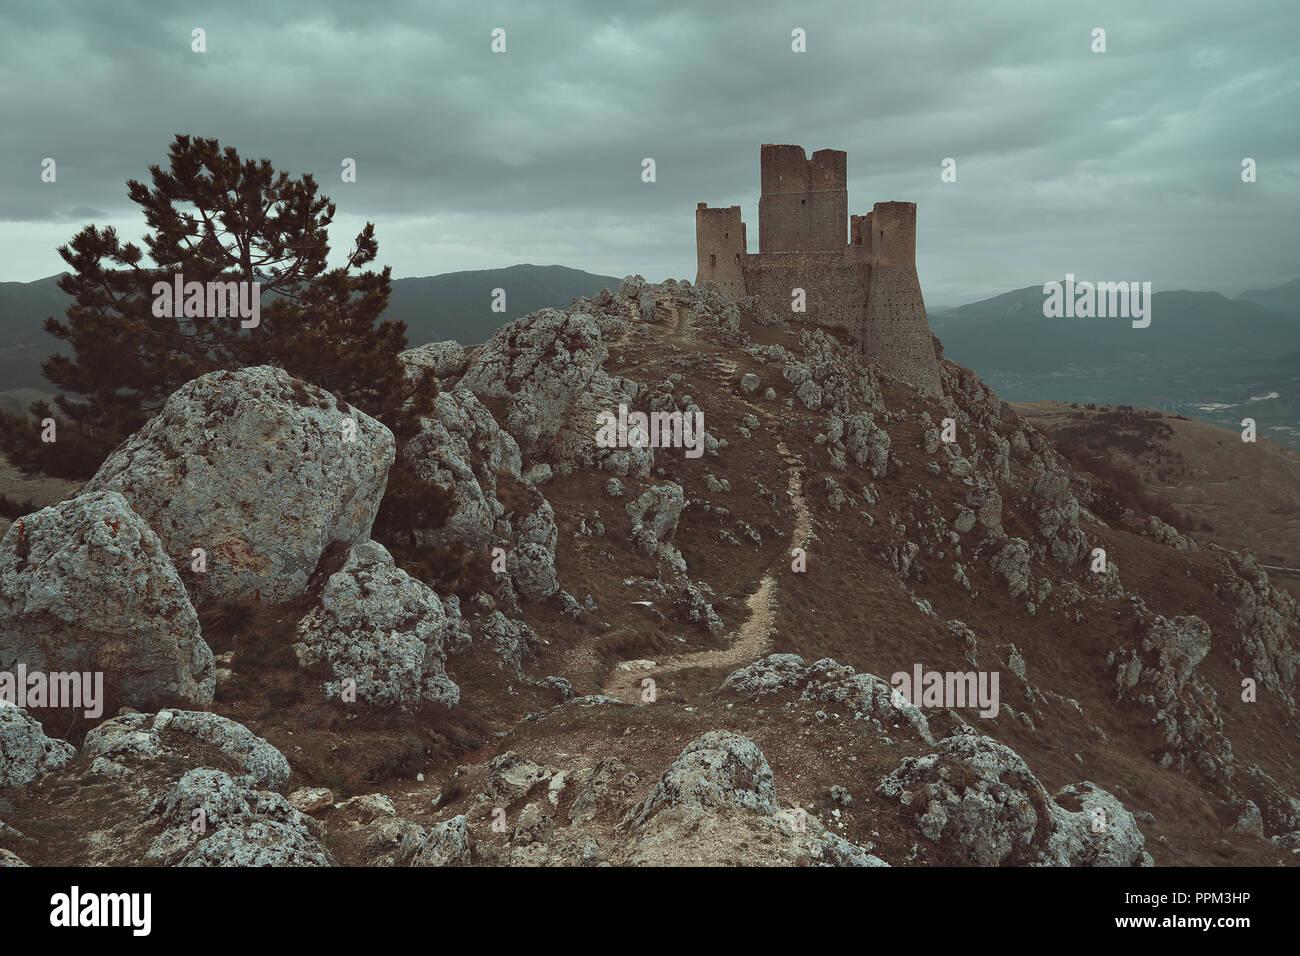 Château de Calascio dans les Abruzzes, Italie Banque D'Images